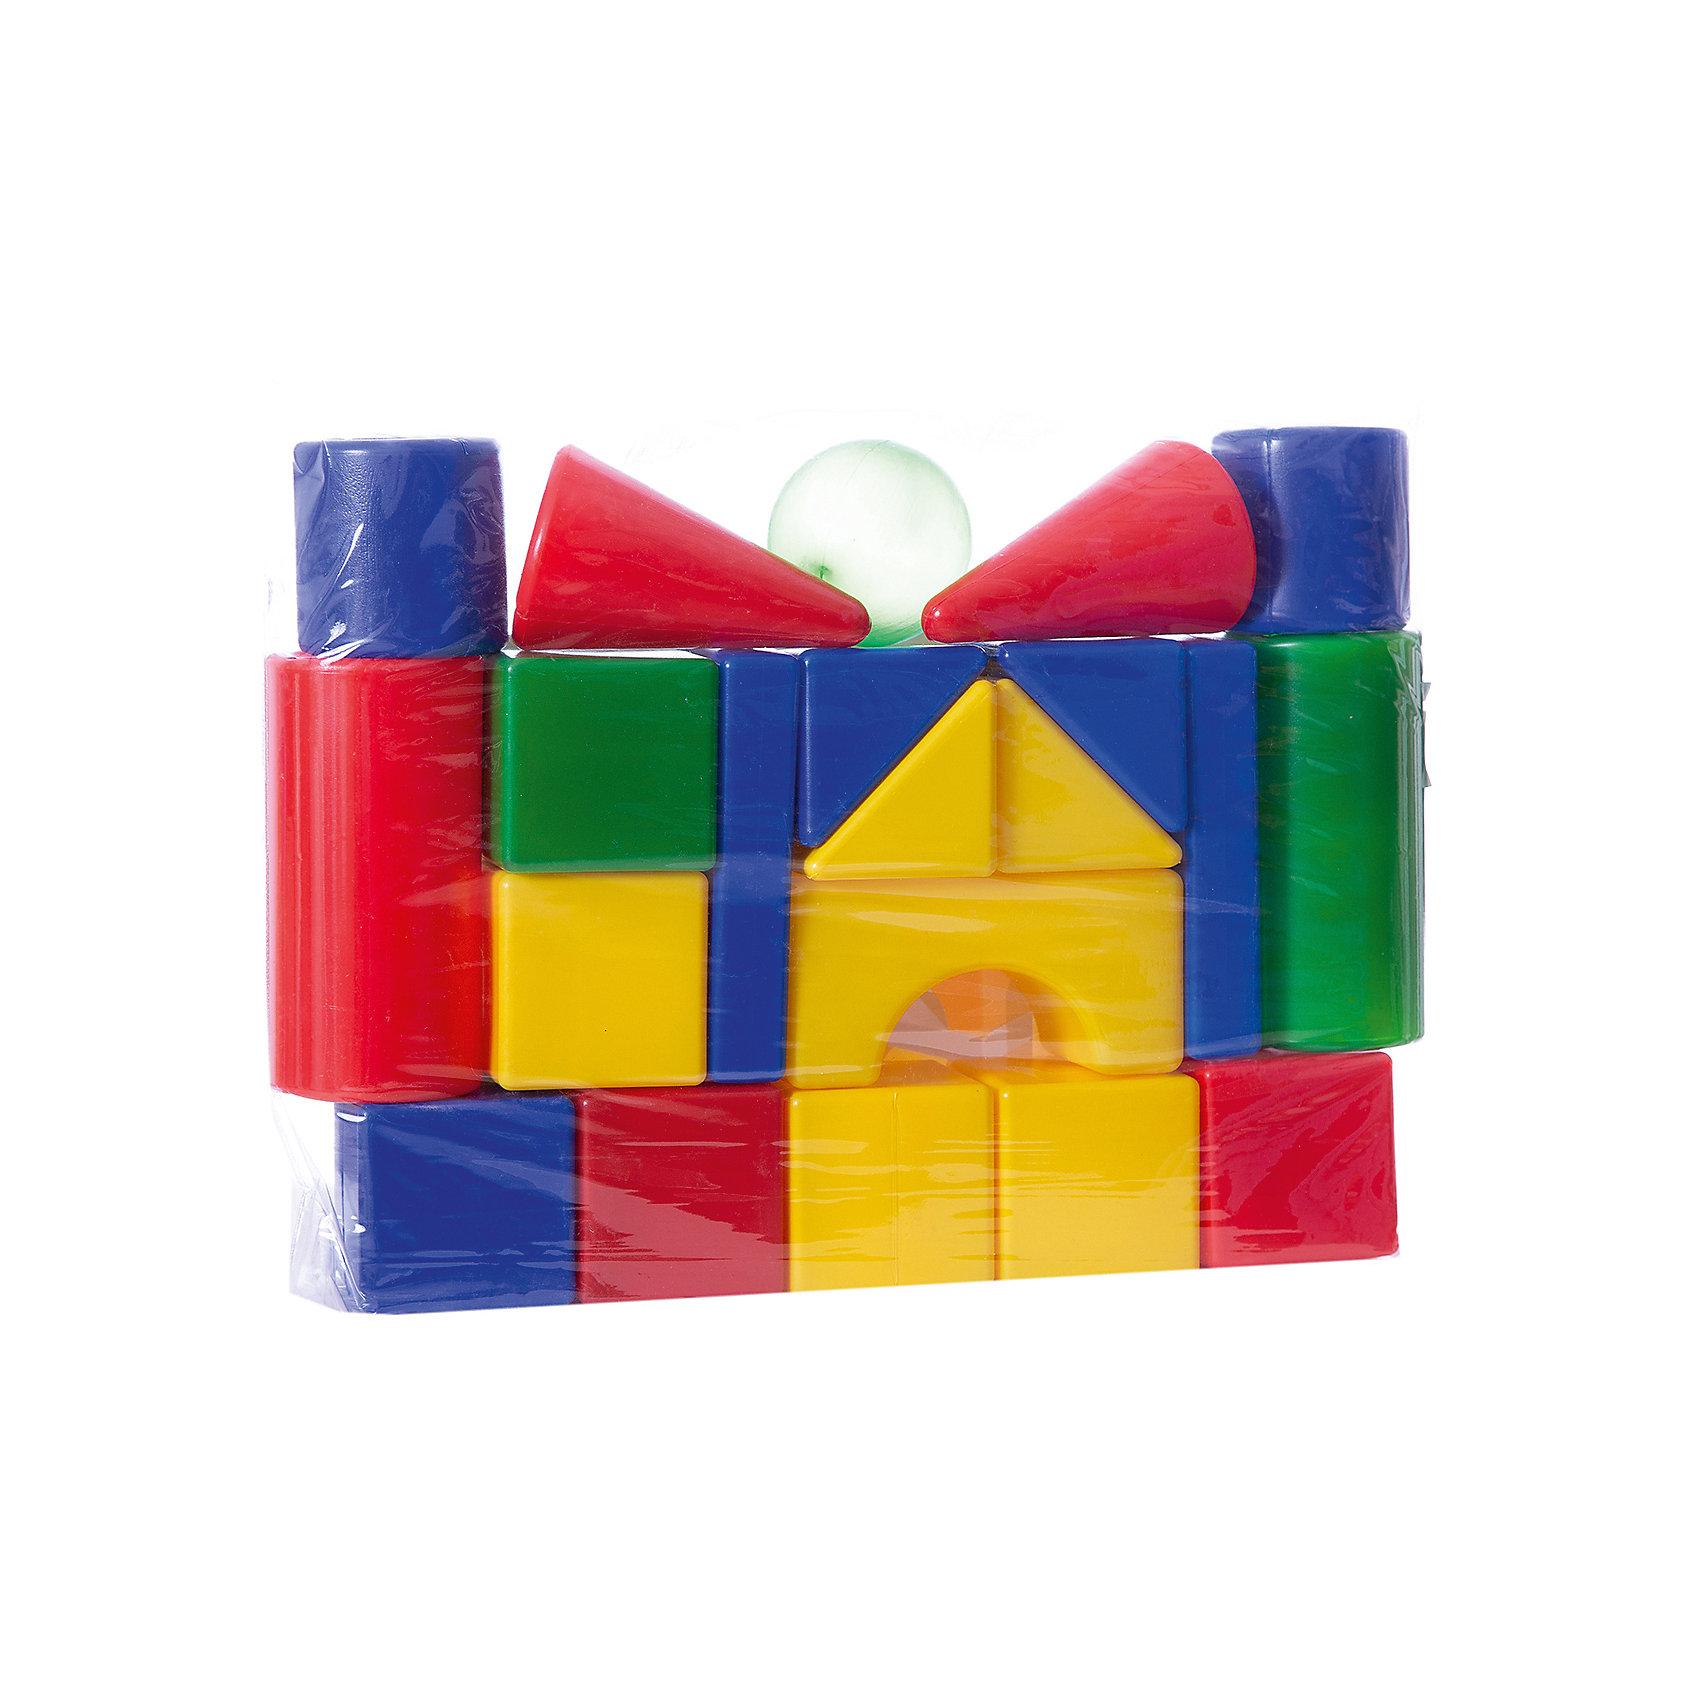 Набор Теремок, 21 элемент, Десятое королевствоКонструкторы для малышей<br>Характеристики:<br><br>• возраст: от 3 лет<br>• в наборе: кубик 7 шт. (8х8 см), большой цилиндр 2 шт. (?8х16 см), малый цилиндр 2 шт. (?8х8 см), конус 2 шт. (?8х13 см), треугольная призма 4 шт. (8х8 см), прямоугольная призма 2 шт (16х8х3 см), шар (?8 см), арка (16х8х8 см)<br>• количество элементов: 21<br>• материал: выдувная пластмасса<br>• упаковка: сумка ПВХ<br>• размер упаковки: 50х36х8 см.<br>• вес: 650 гр.<br><br>Конструктор «Теремок» от российского производителя Десятое королевство предназначен для детей дошкольного возраста. Он состоит из ярких цветных фигур различной формы. Из элементов конструктора малыш сможет построить самый настоящий сказочный теремок с крышей и башенками, а также — множество других сооружений. <br><br>Все элементы изготовлены из прочного и безопасного пластика. Внутри они полые, поэтому легкие и подходят даже для самых маленьких строителей. Конструктор упакован в прозрачную сумку. Игра с конструктором развивает у детей мелкую моторику, логическое мышление, цветовое восприятие.<br><br>Набор Теремок, 21 элемент, Десятое королевство можно купить в нашем интернет-магазине.<br><br>Ширина мм: 360<br>Глубина мм: 500<br>Высота мм: 80<br>Вес г: 690<br>Возраст от месяцев: 36<br>Возраст до месяцев: 2147483647<br>Пол: Унисекс<br>Возраст: Детский<br>SKU: 6723920